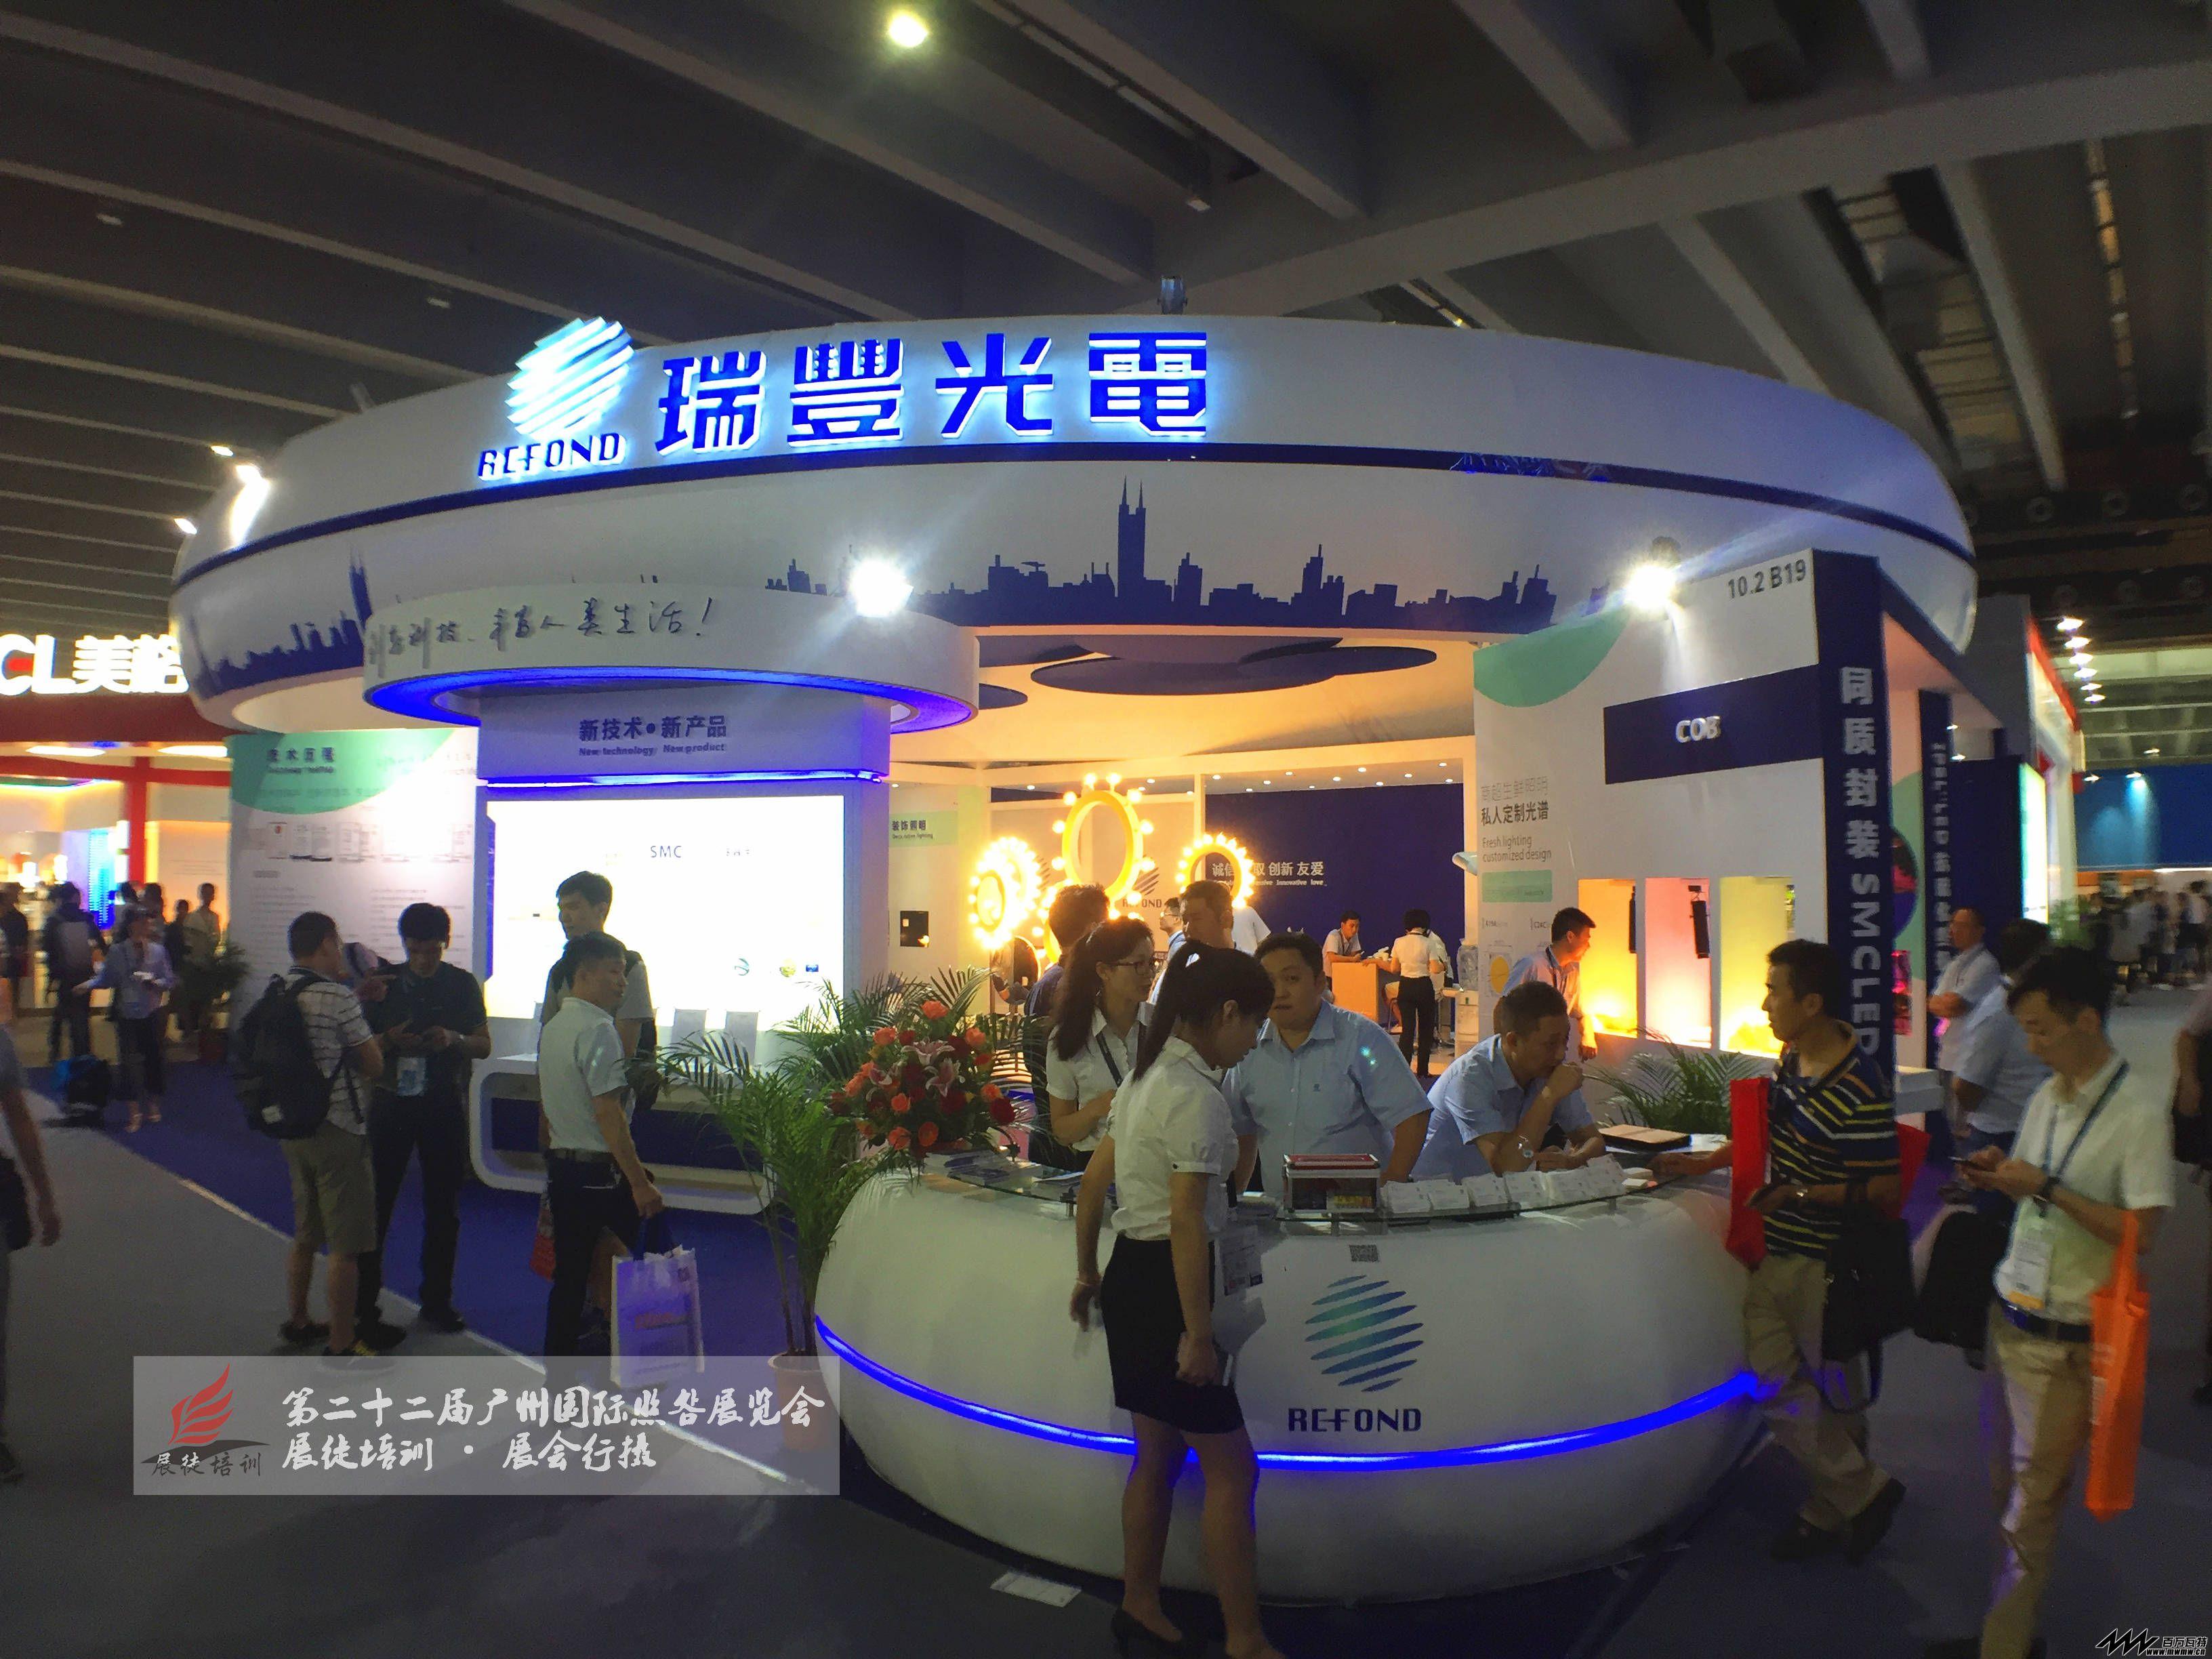 第二十二届广州国际照明展览会-展徒培训·展会行摄 (69).jpg